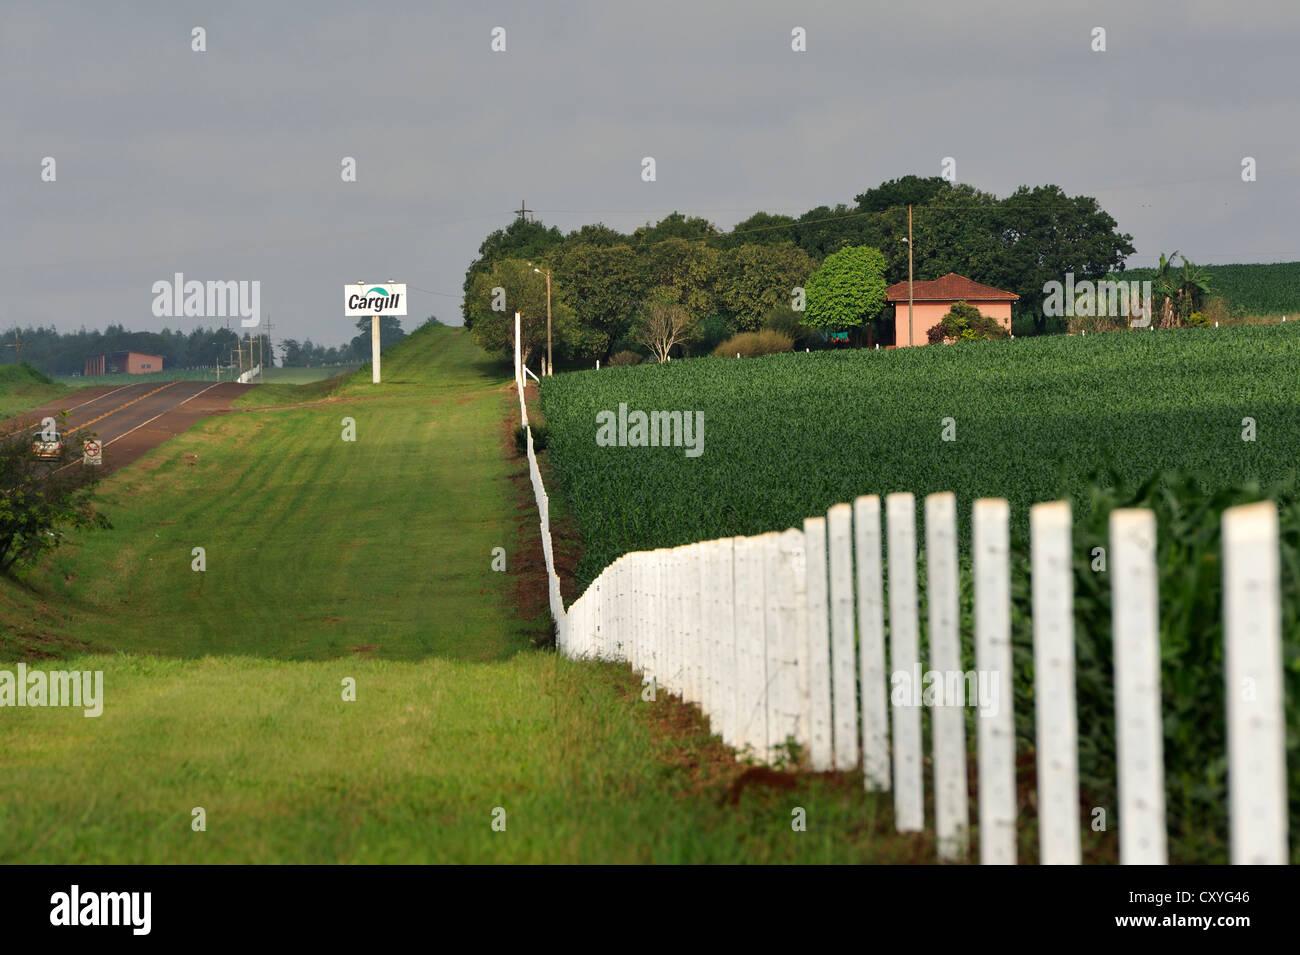 Rural Road, bordée de champs de maïs, le maïs génétiquement modifié, un signe de l'entreprise Photo Stock